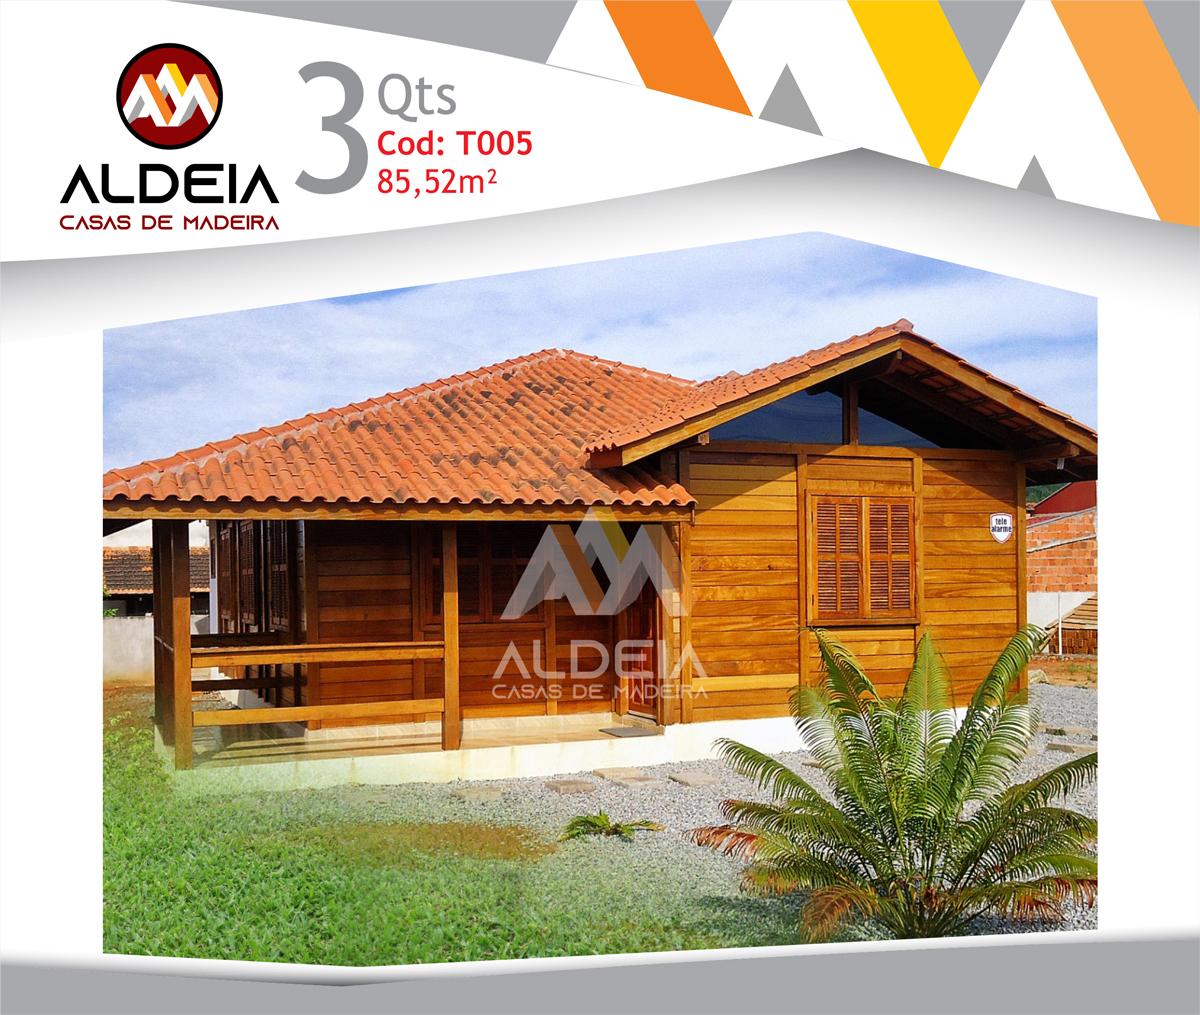 aldeia-casas-madeira-fachada-T005